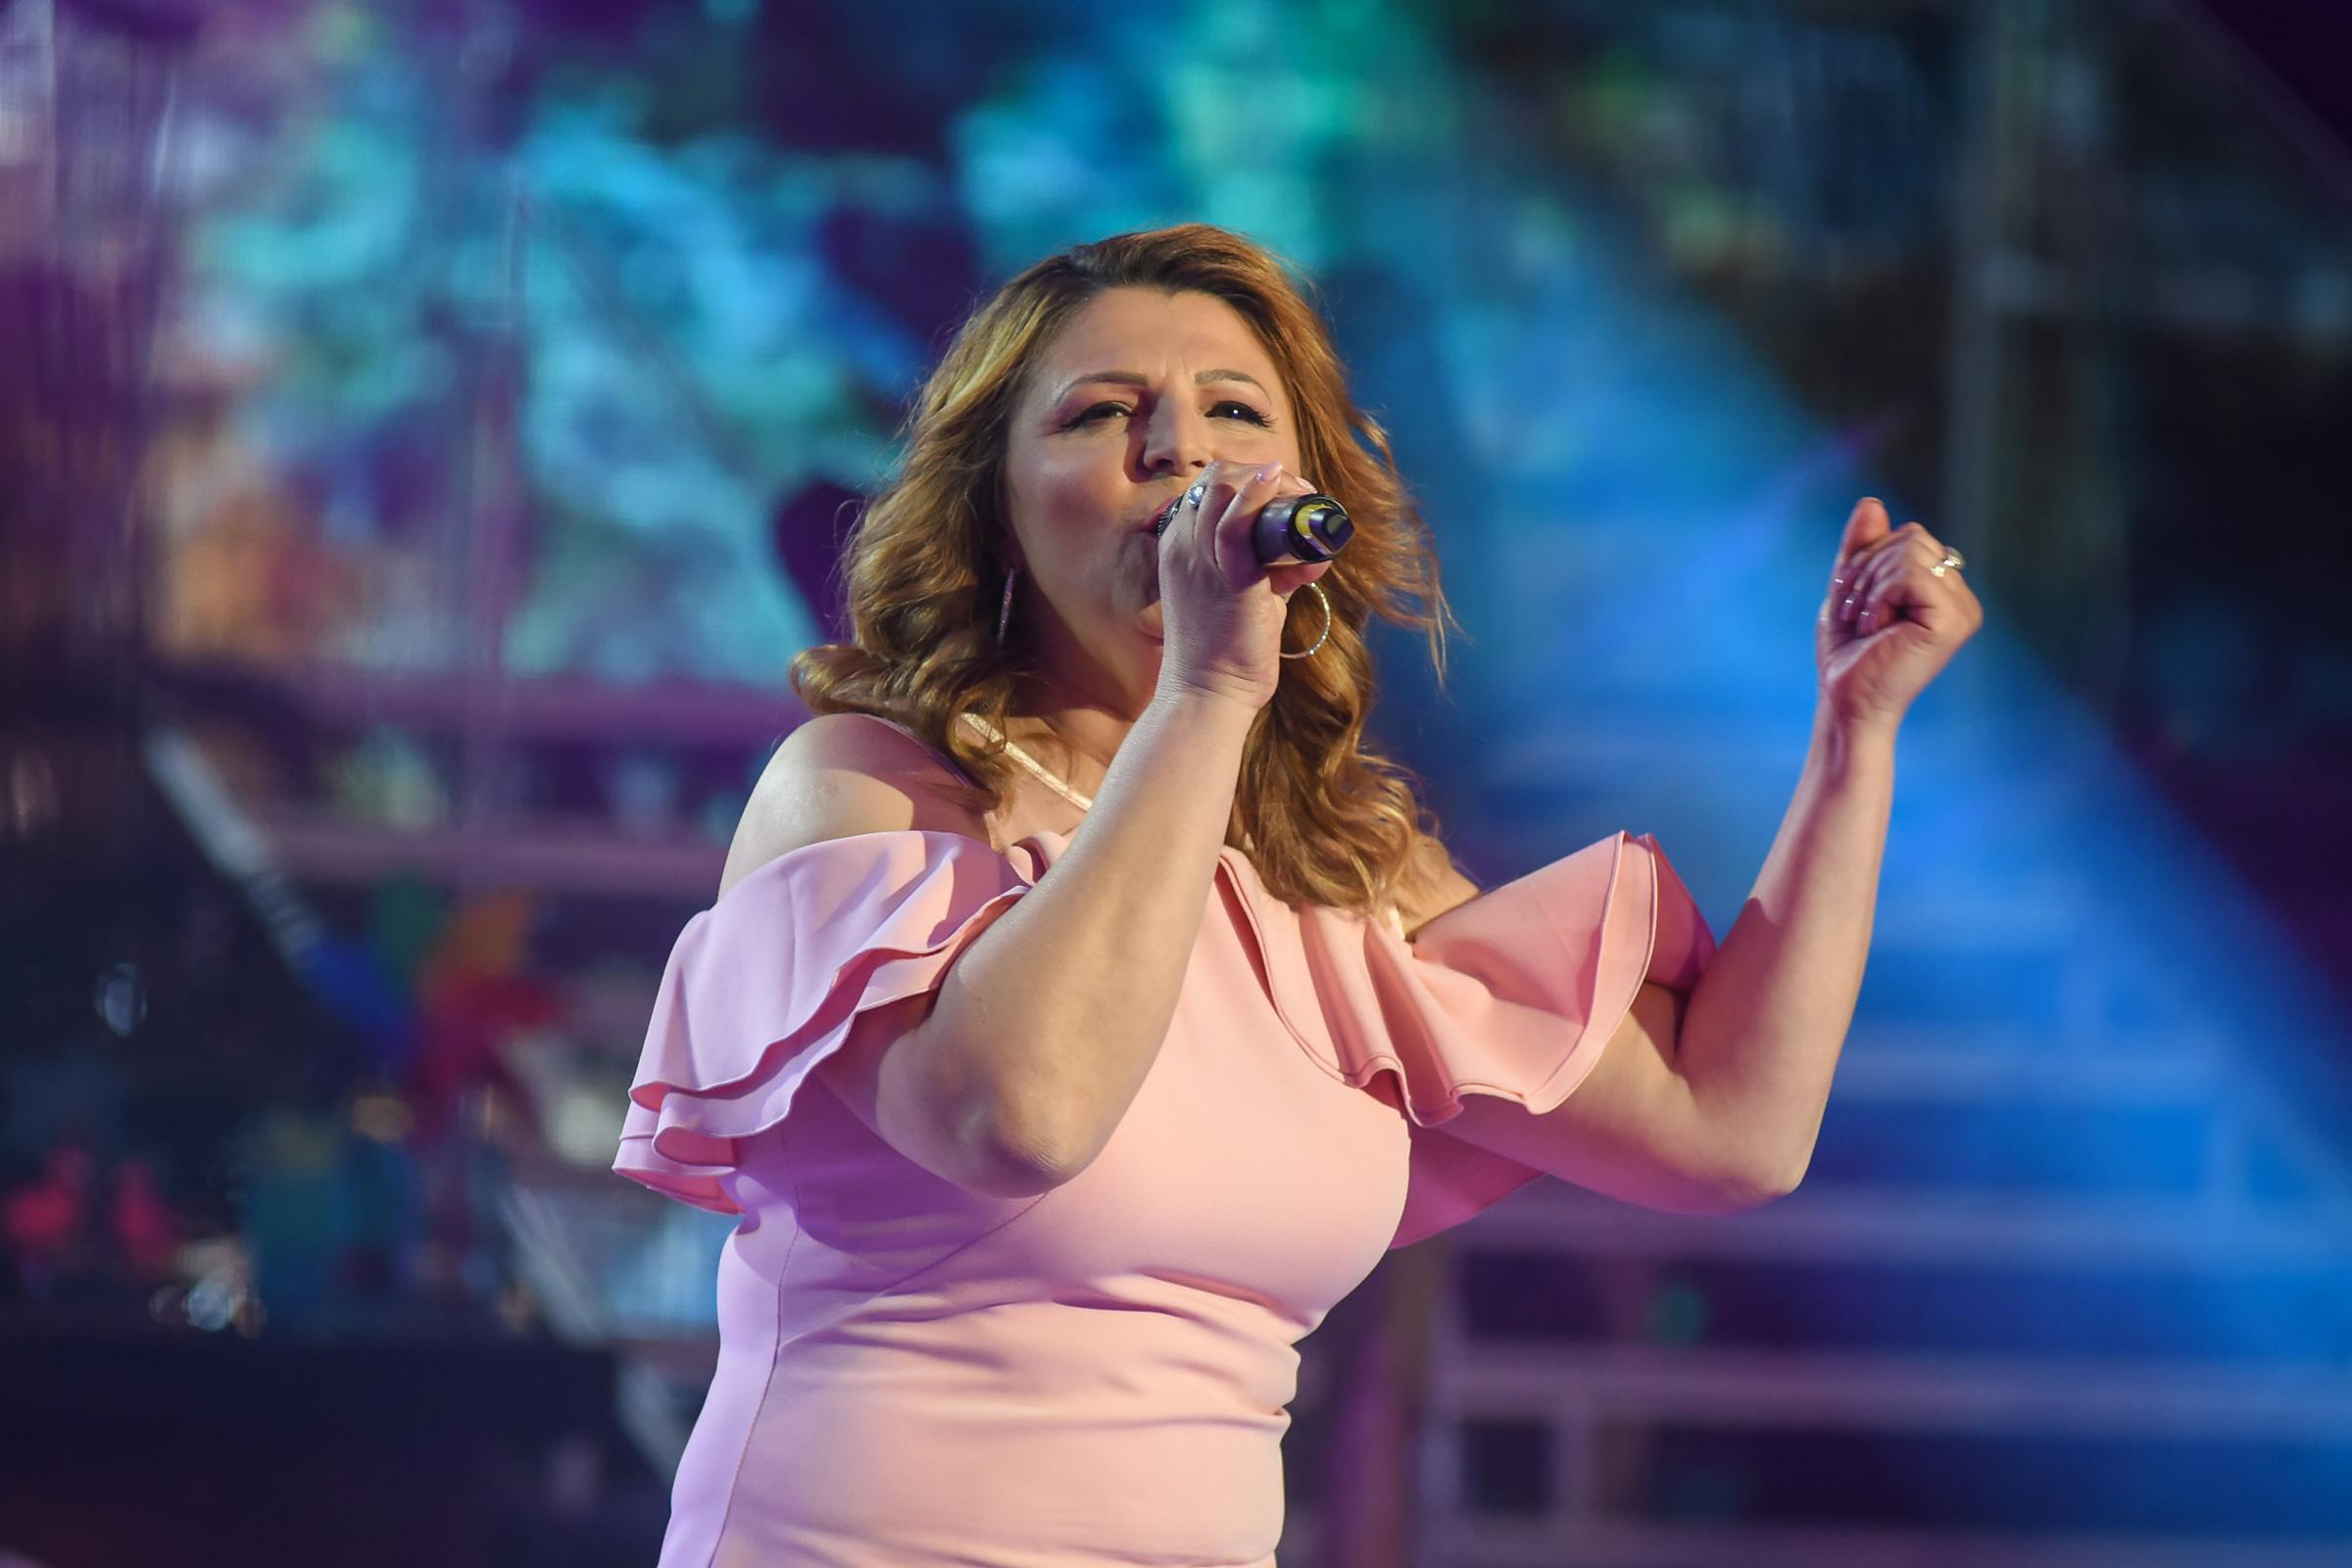 Kate Barada